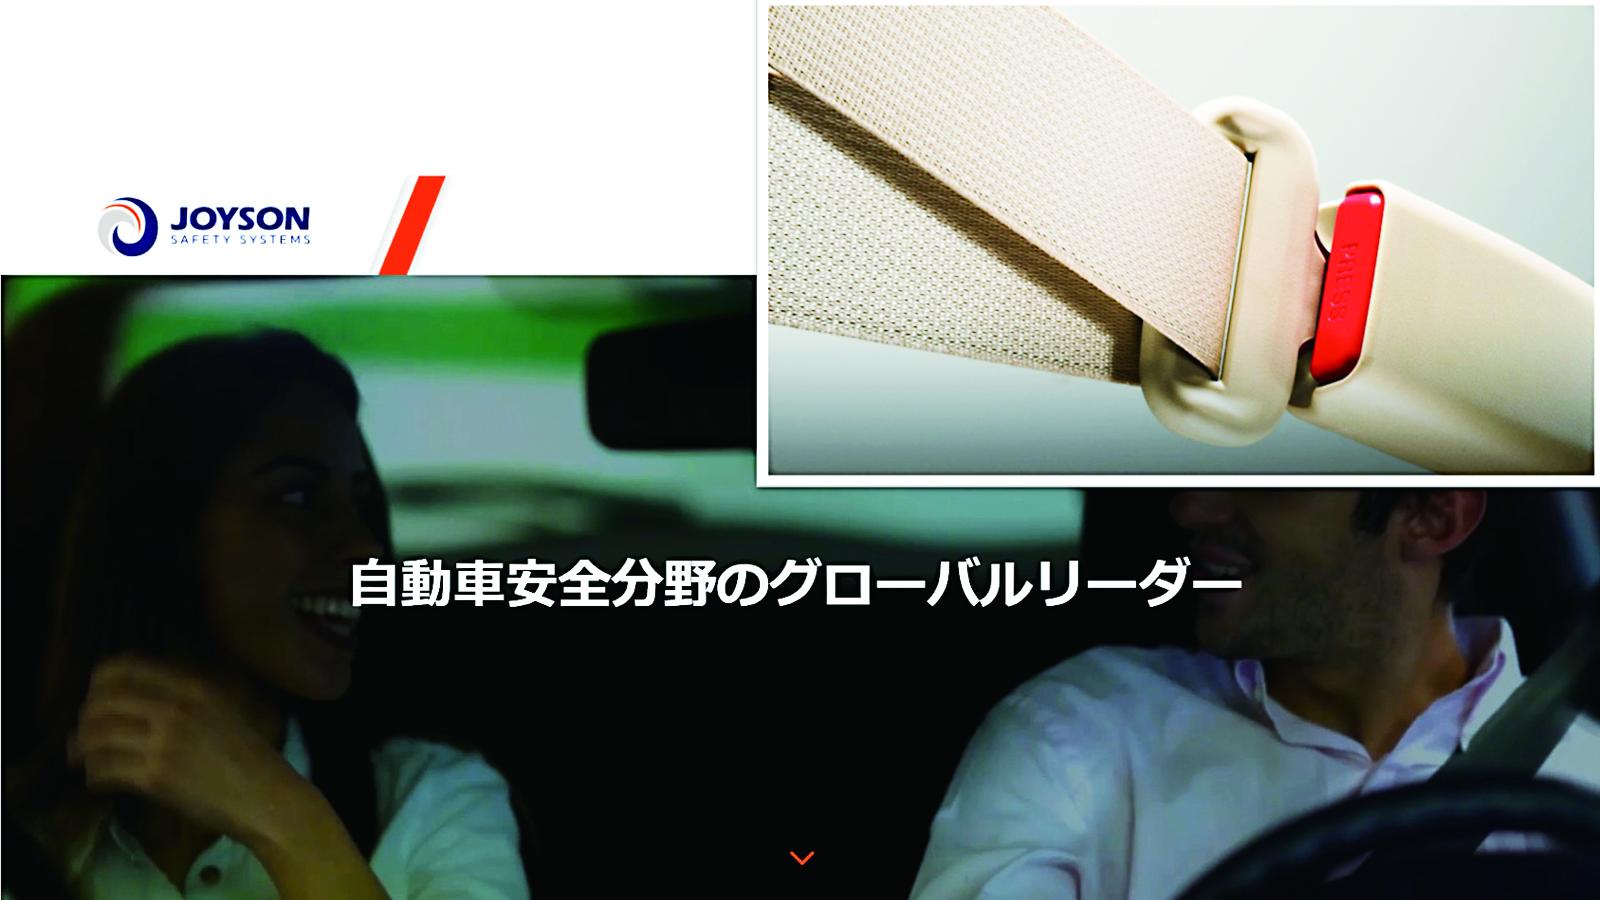 品質データの偽装が発覚したシートベルト(右上)